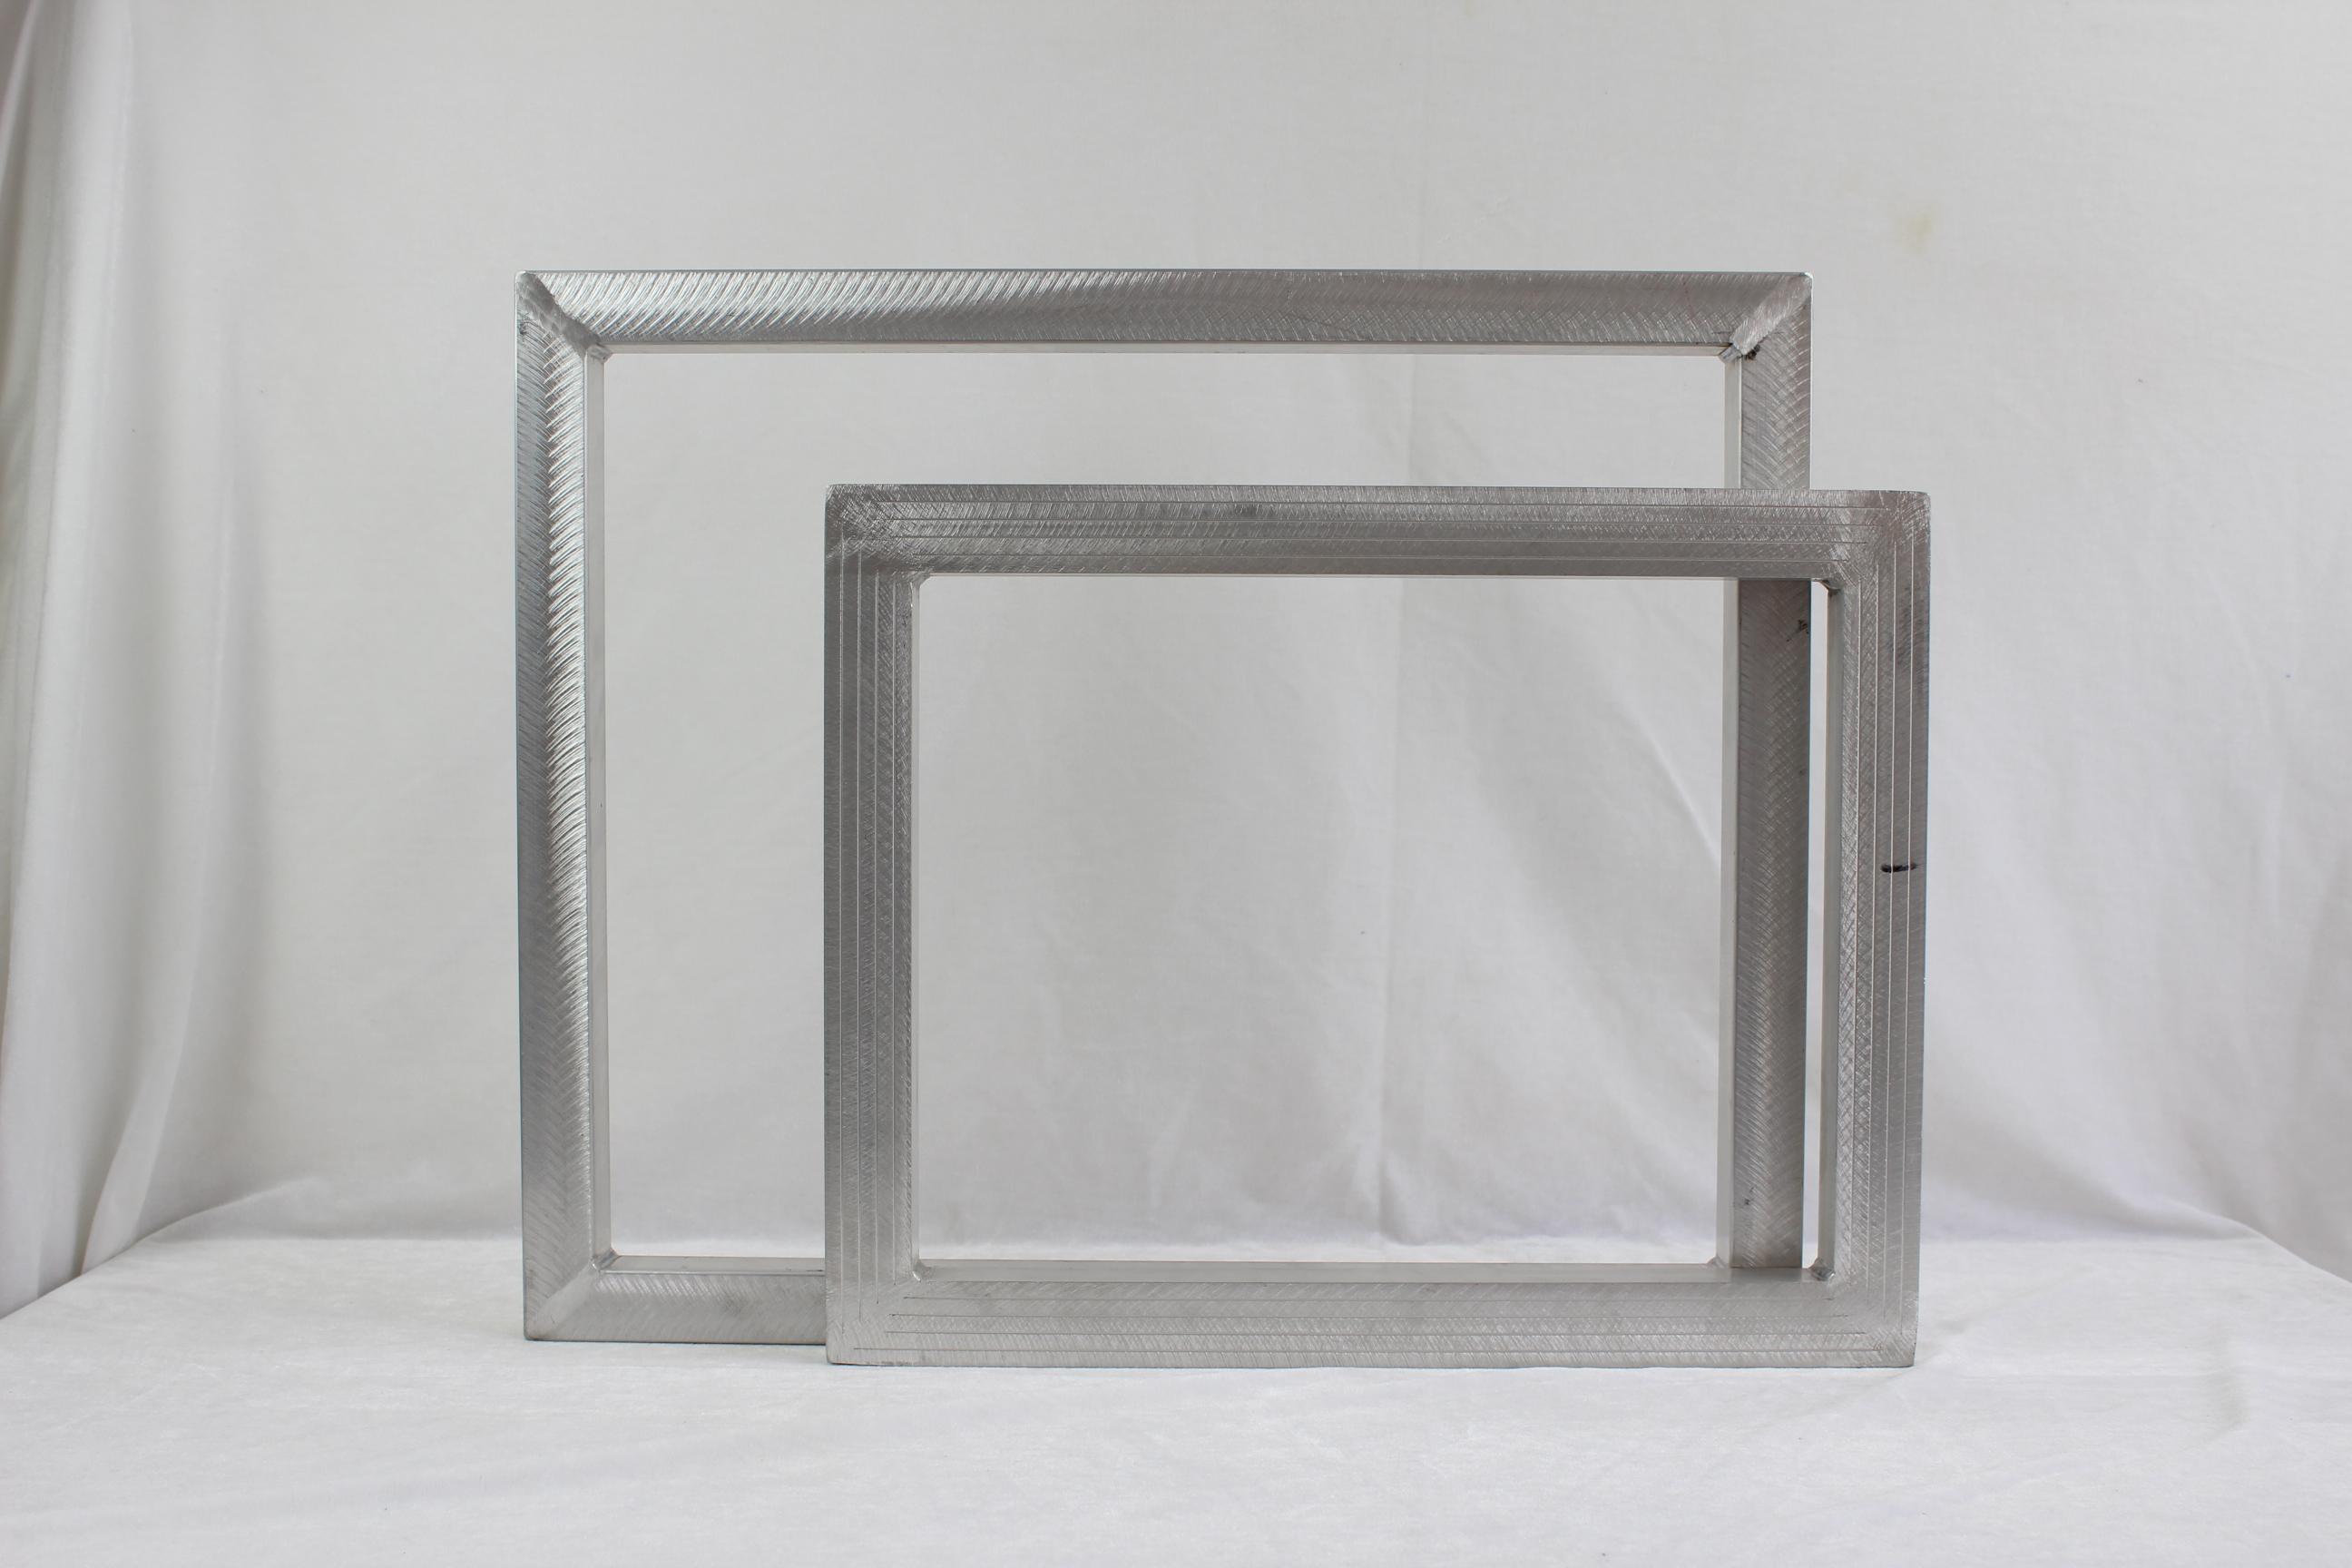 山西丝印机铝框淋浴房玻璃丝印网版铝框手动丝印铝网框厂家